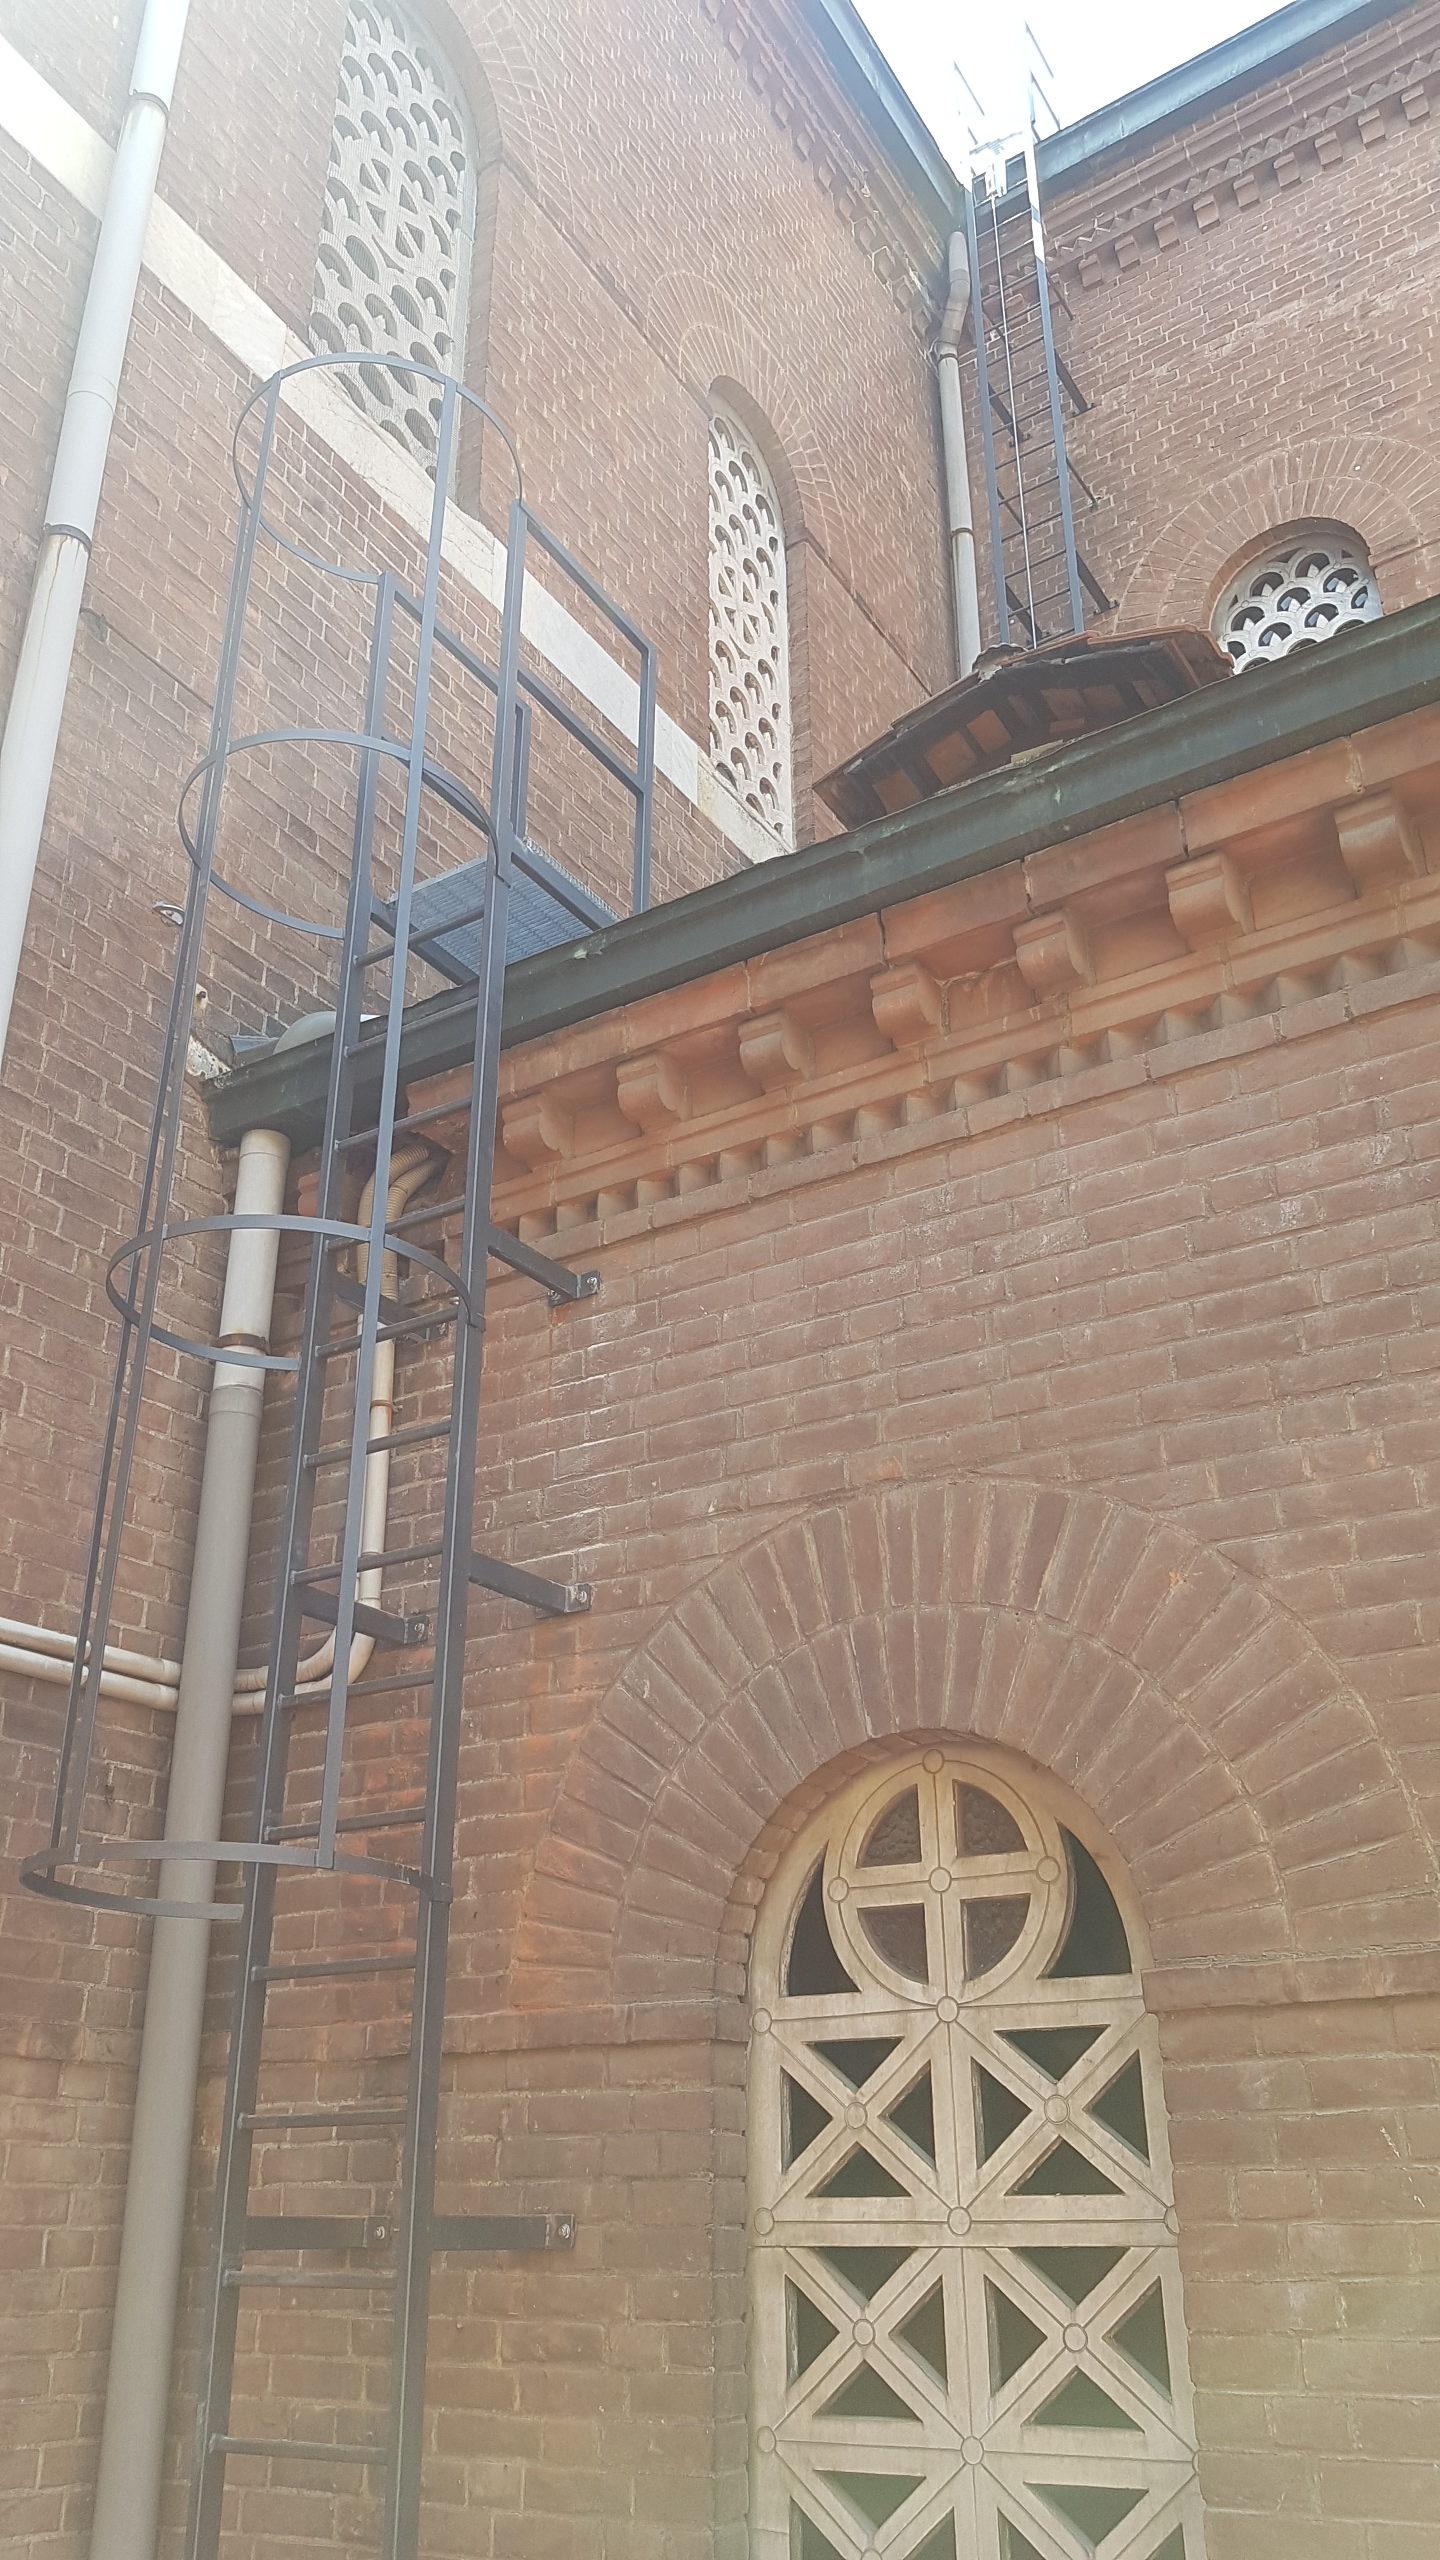 6. Installazione di scala alla marinara con gabbia di protezione di collegamento alla copertura: lavori ultimati.